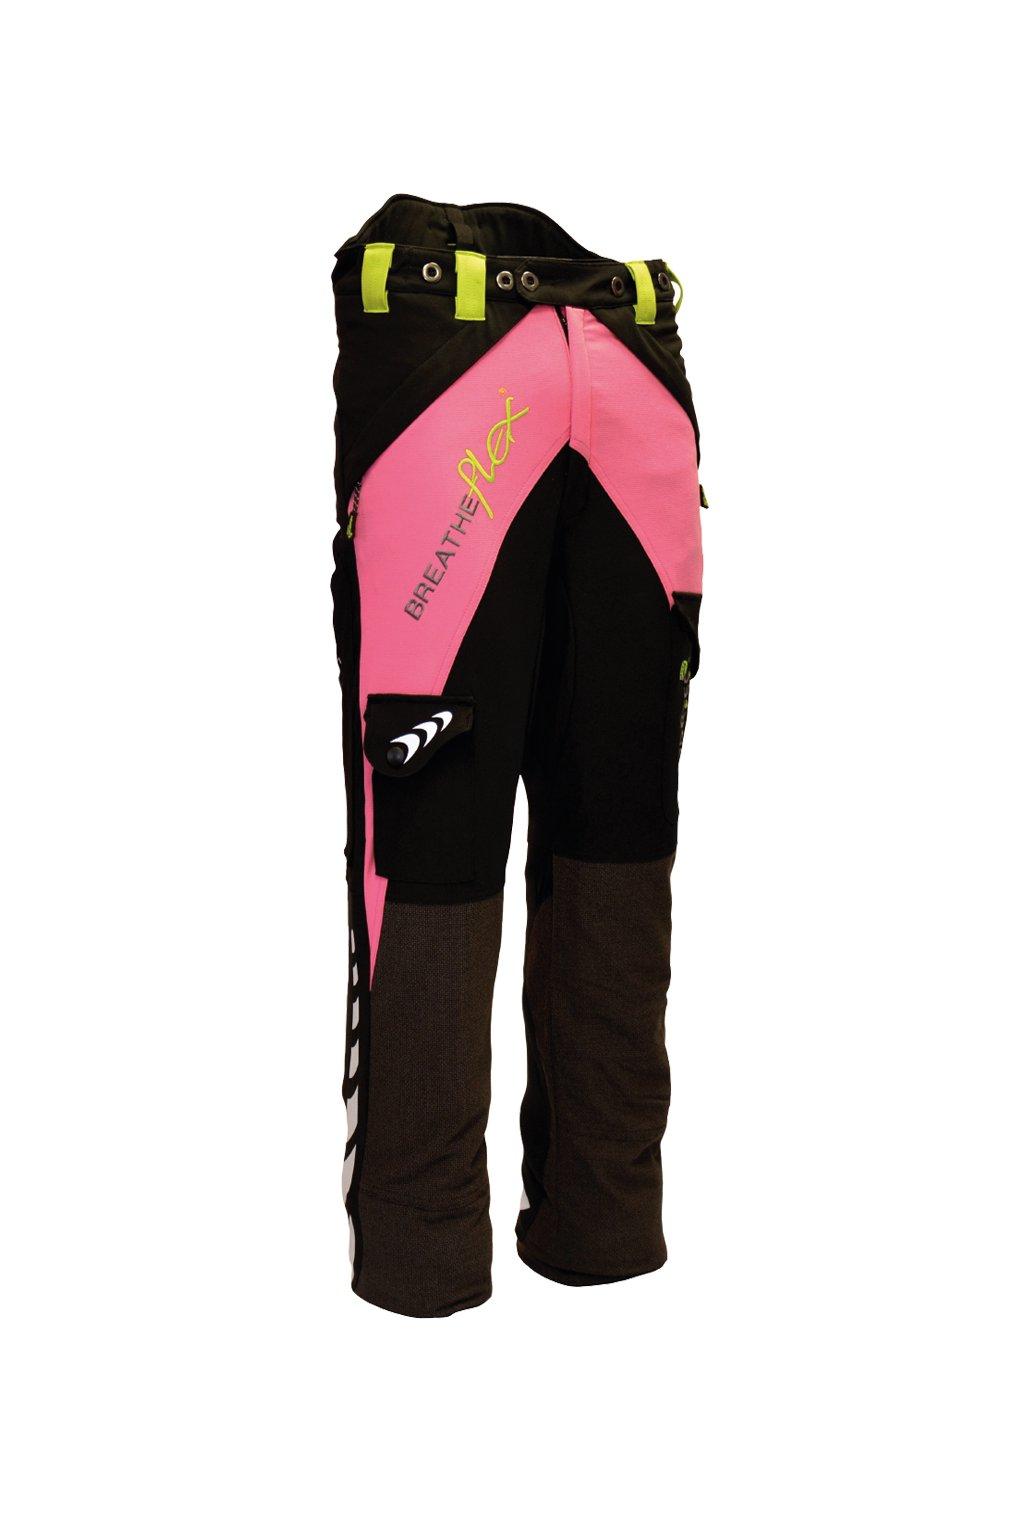 AT4010 Pink (1)